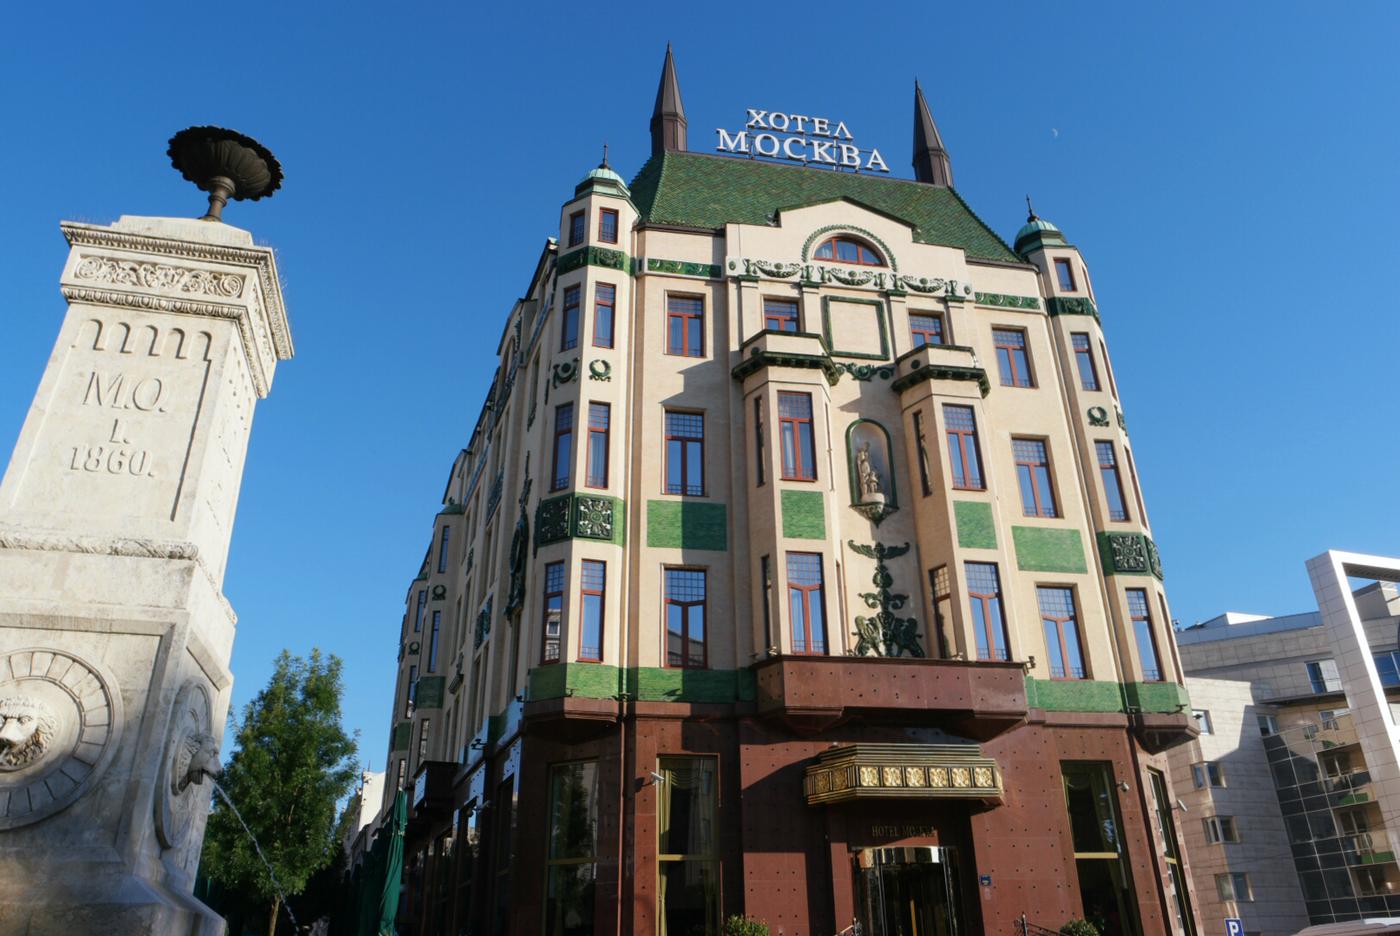 moskva-2.jpg